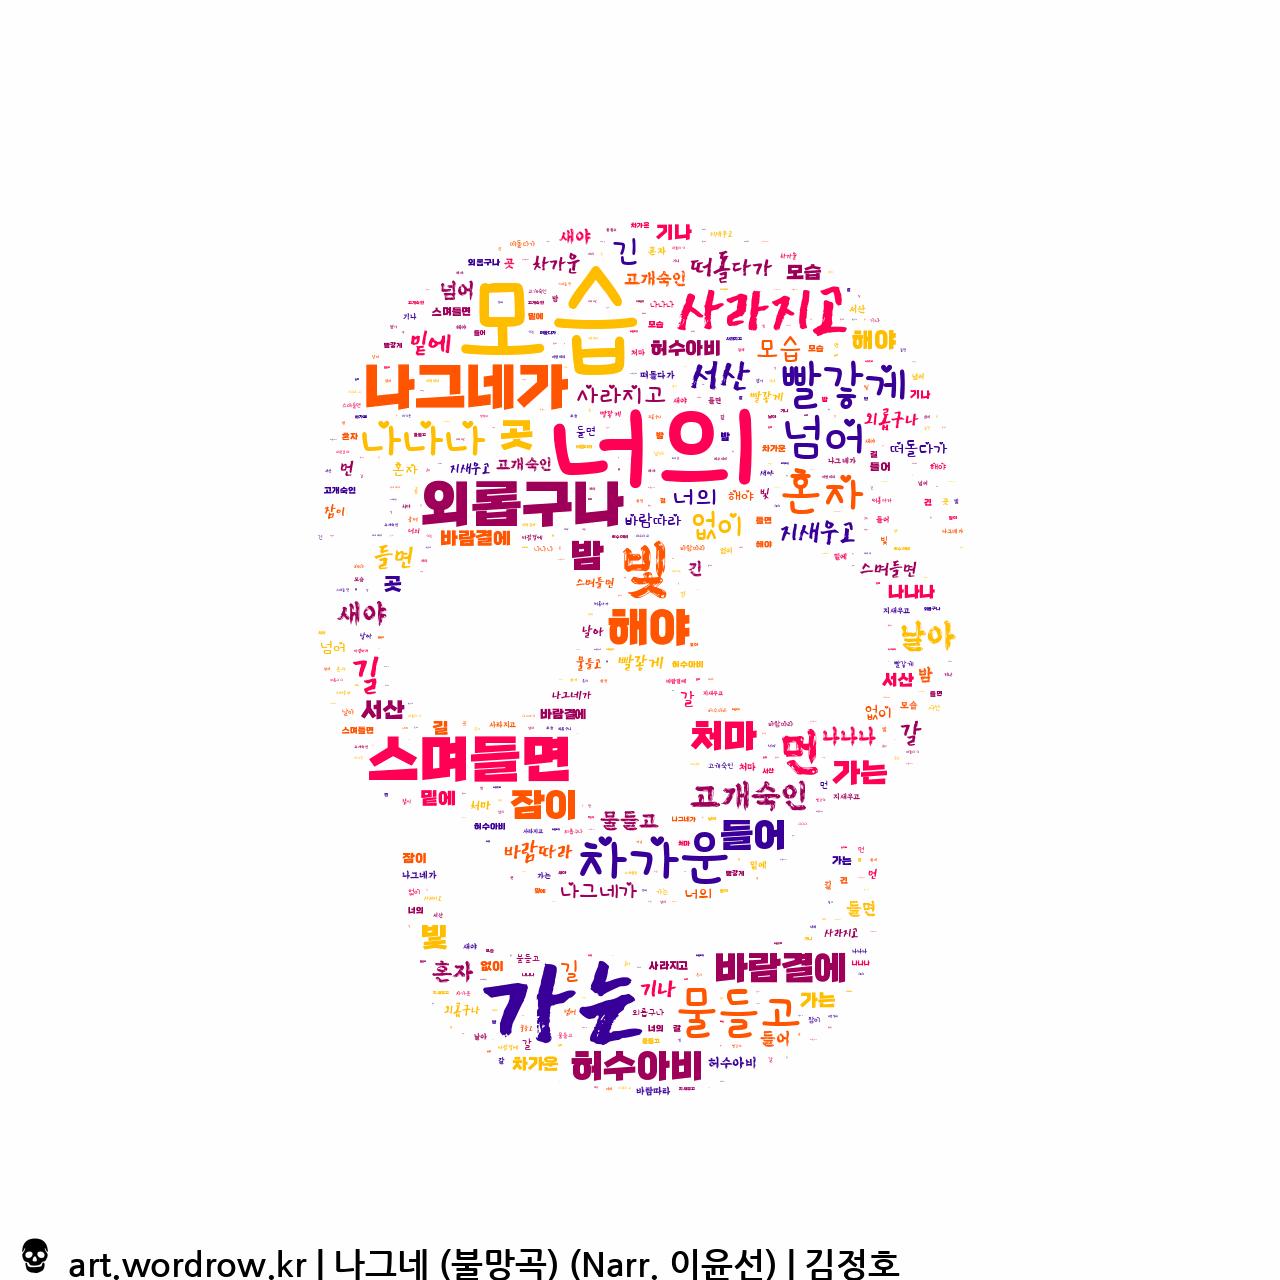 워드 클라우드: 나그네 (불망곡) (Narr. 이윤선) [김정호]-18